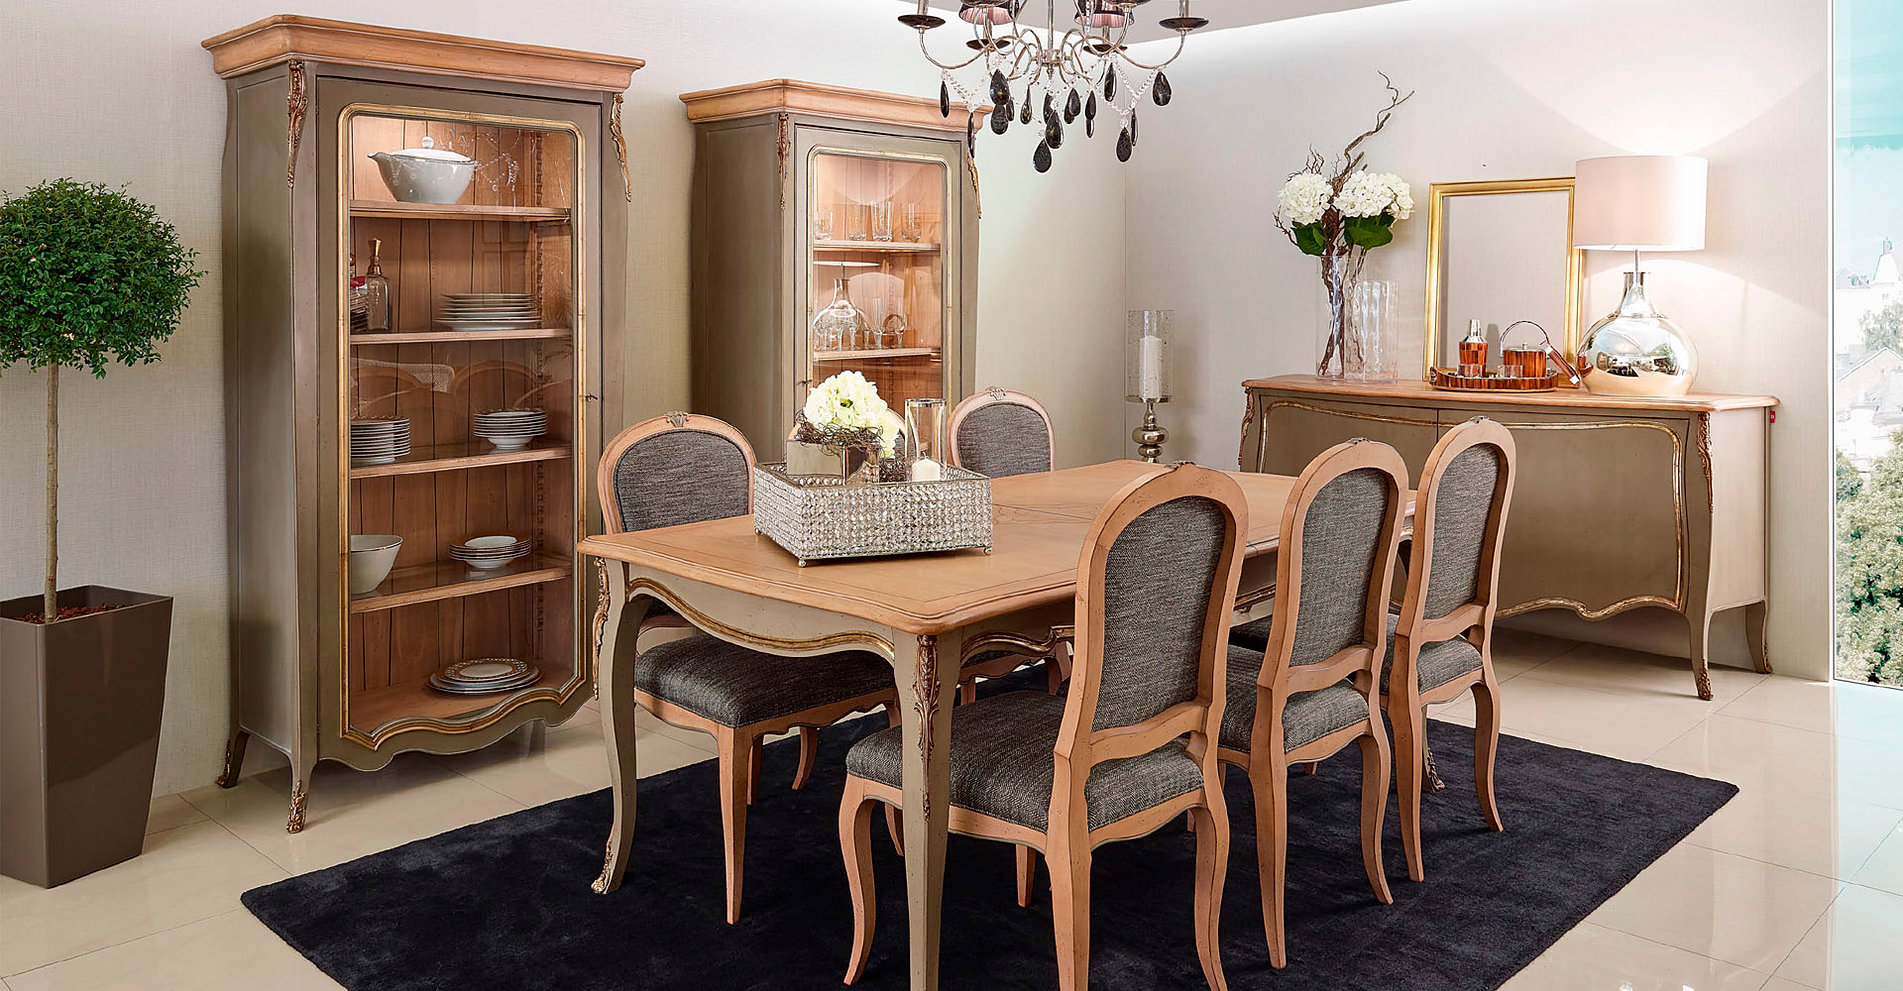 Tienda de muebles monen comedores clasicos madrid - Catalogo de comedores ...